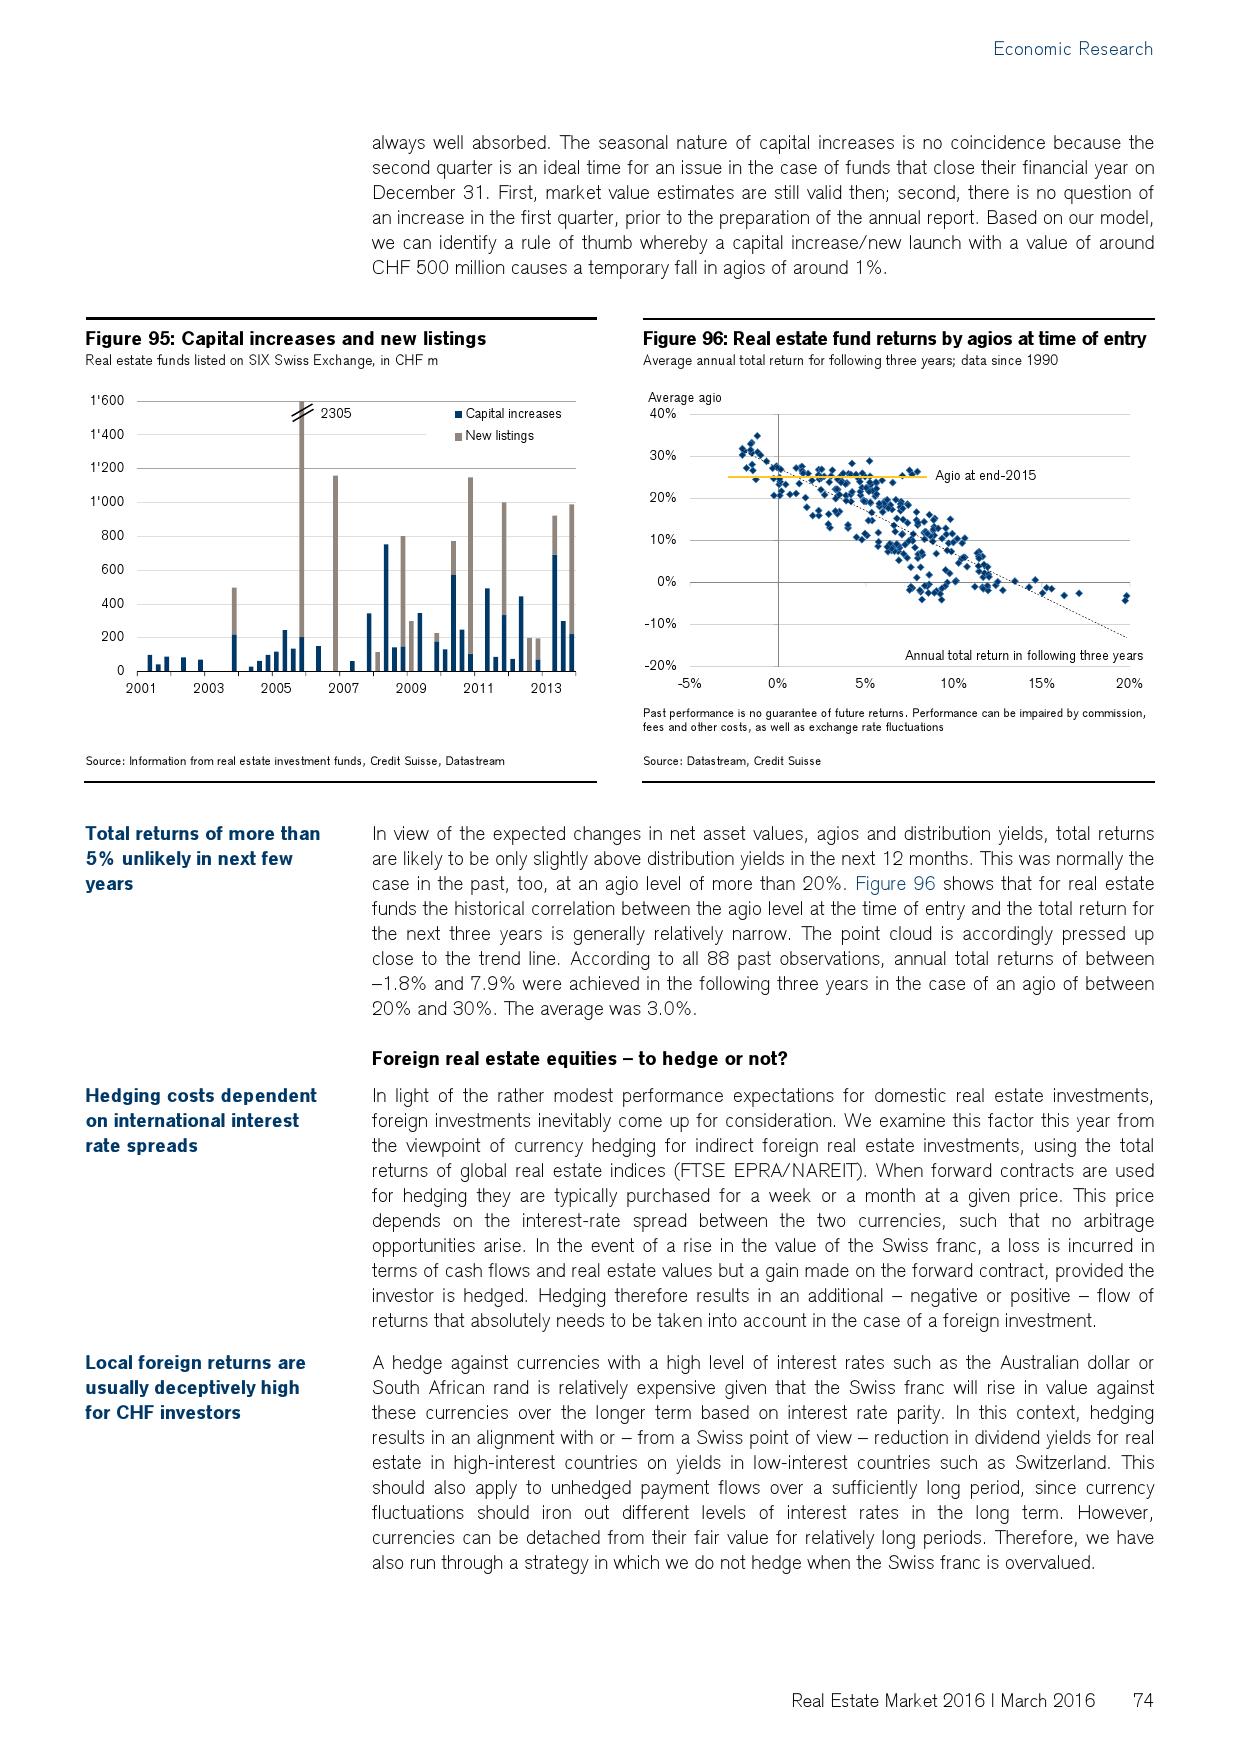 2016年瑞士房地产市场研究报告_000074